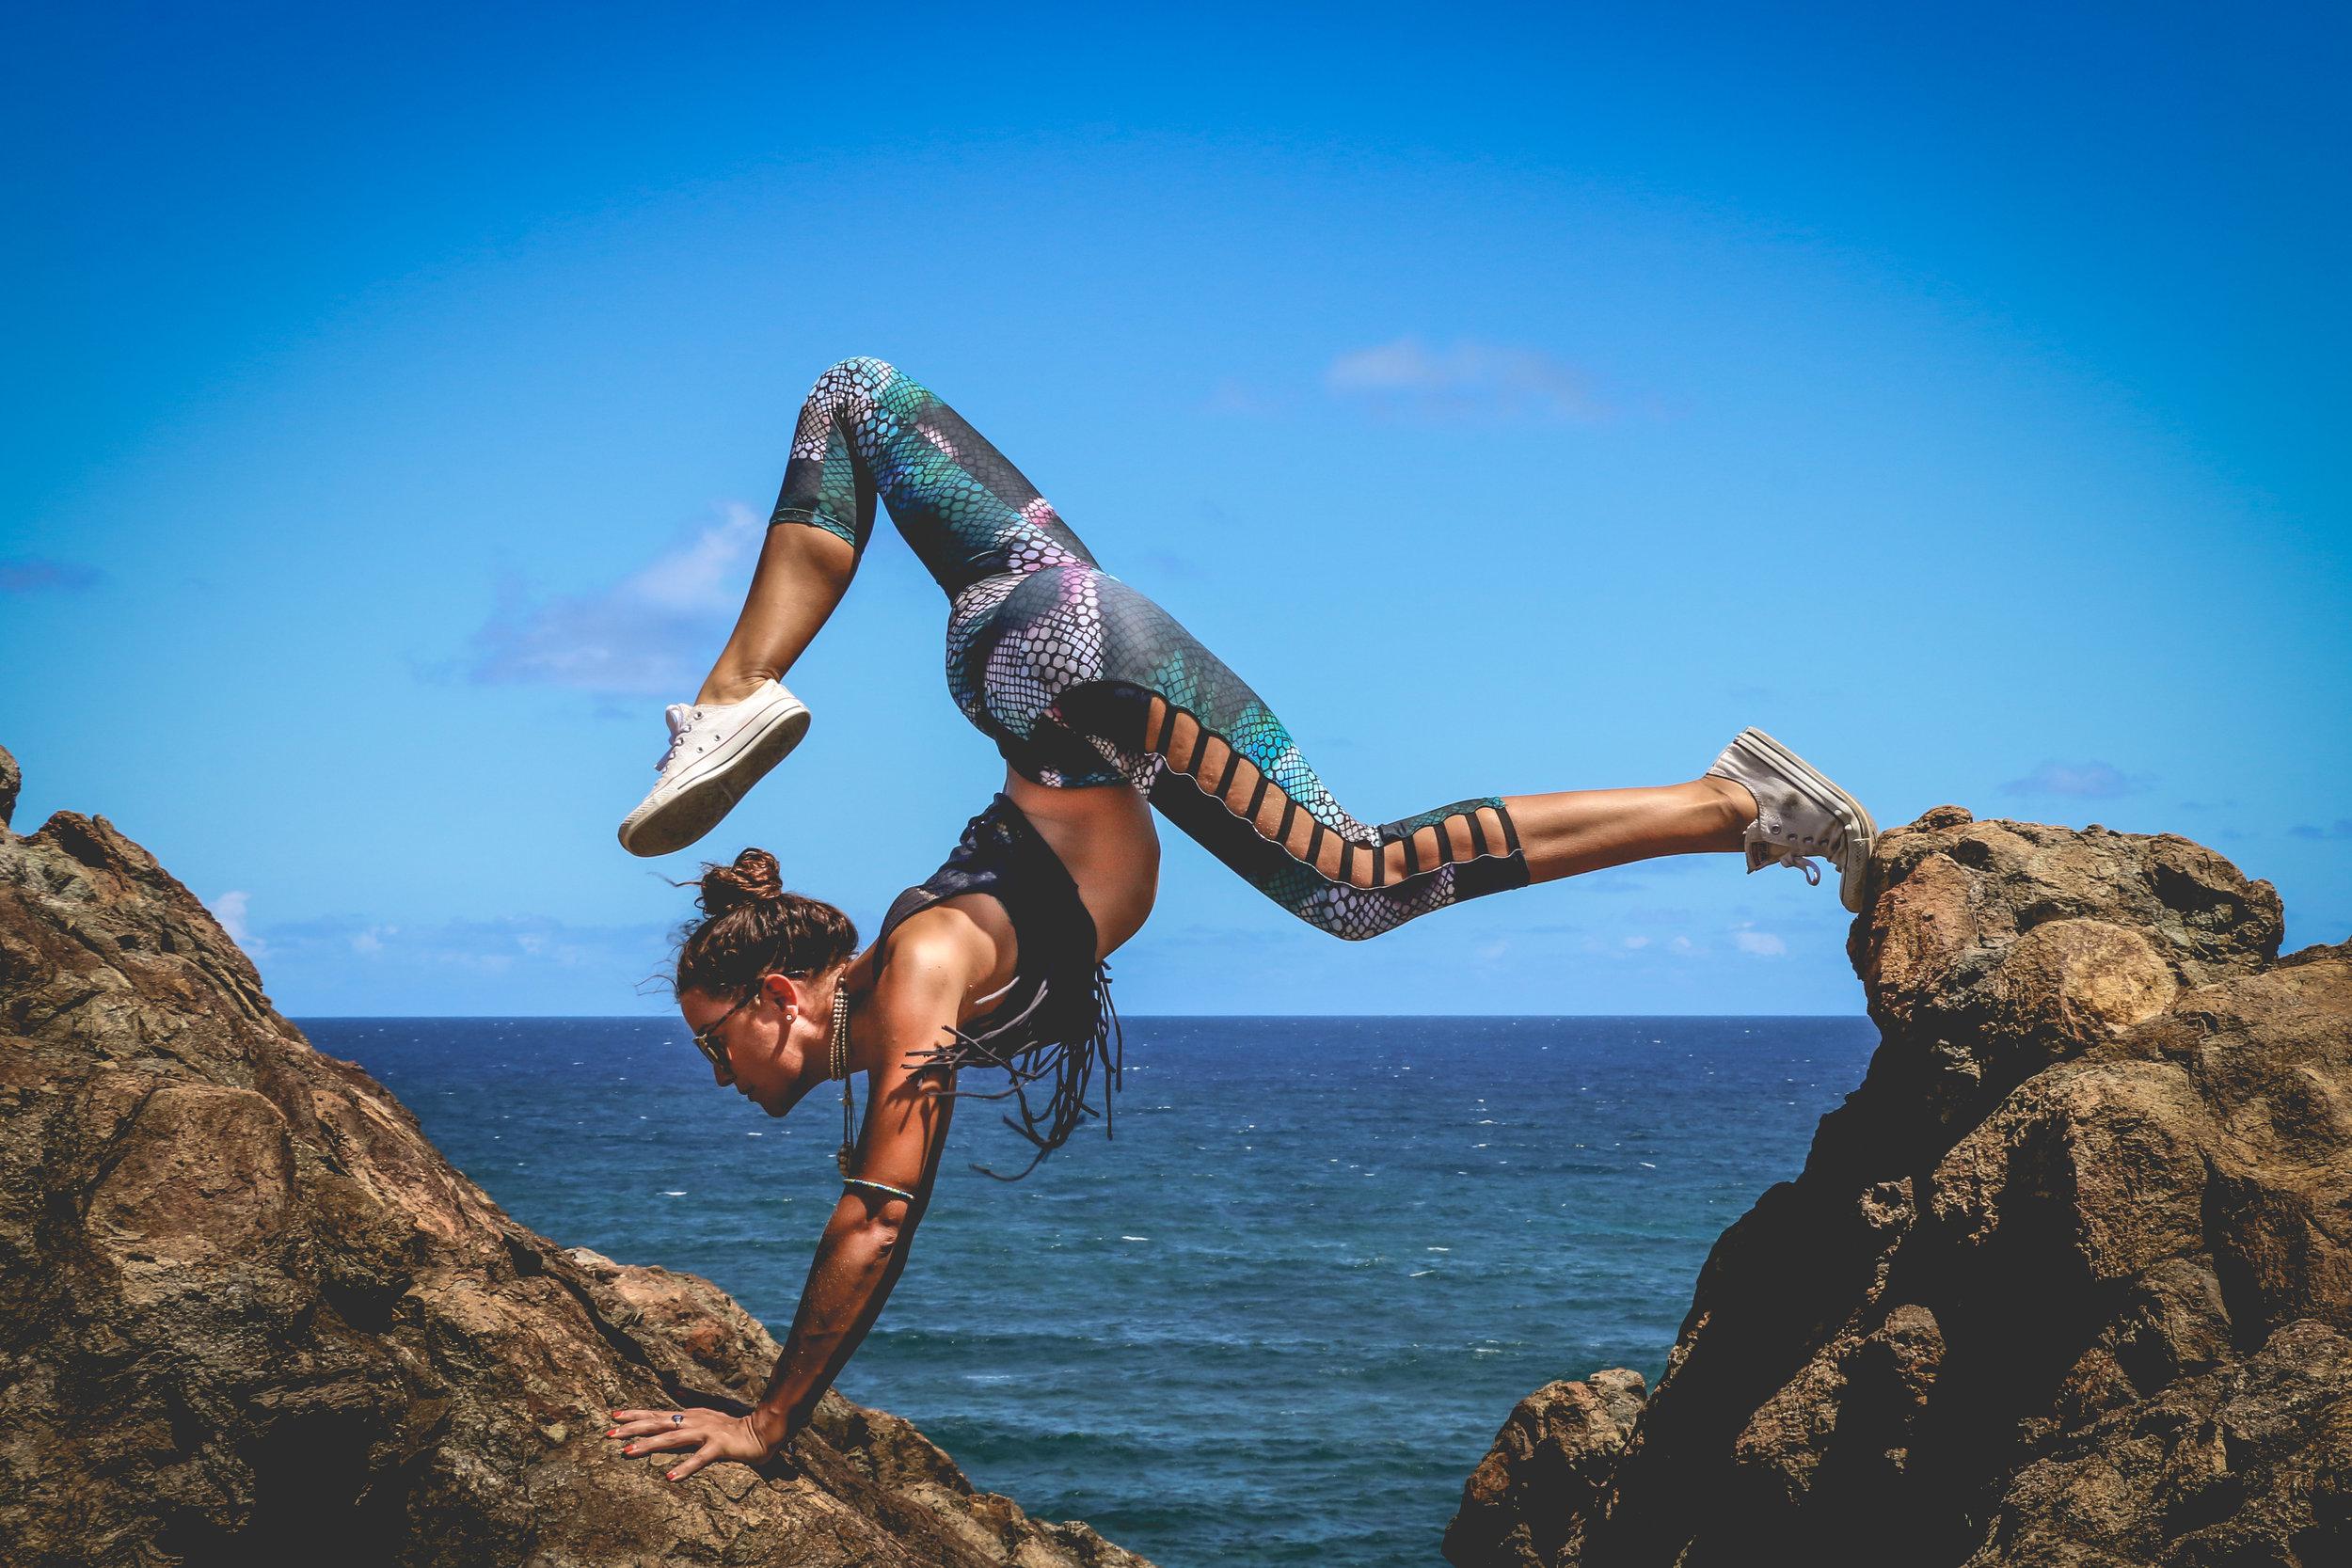 Crazy yoga pose